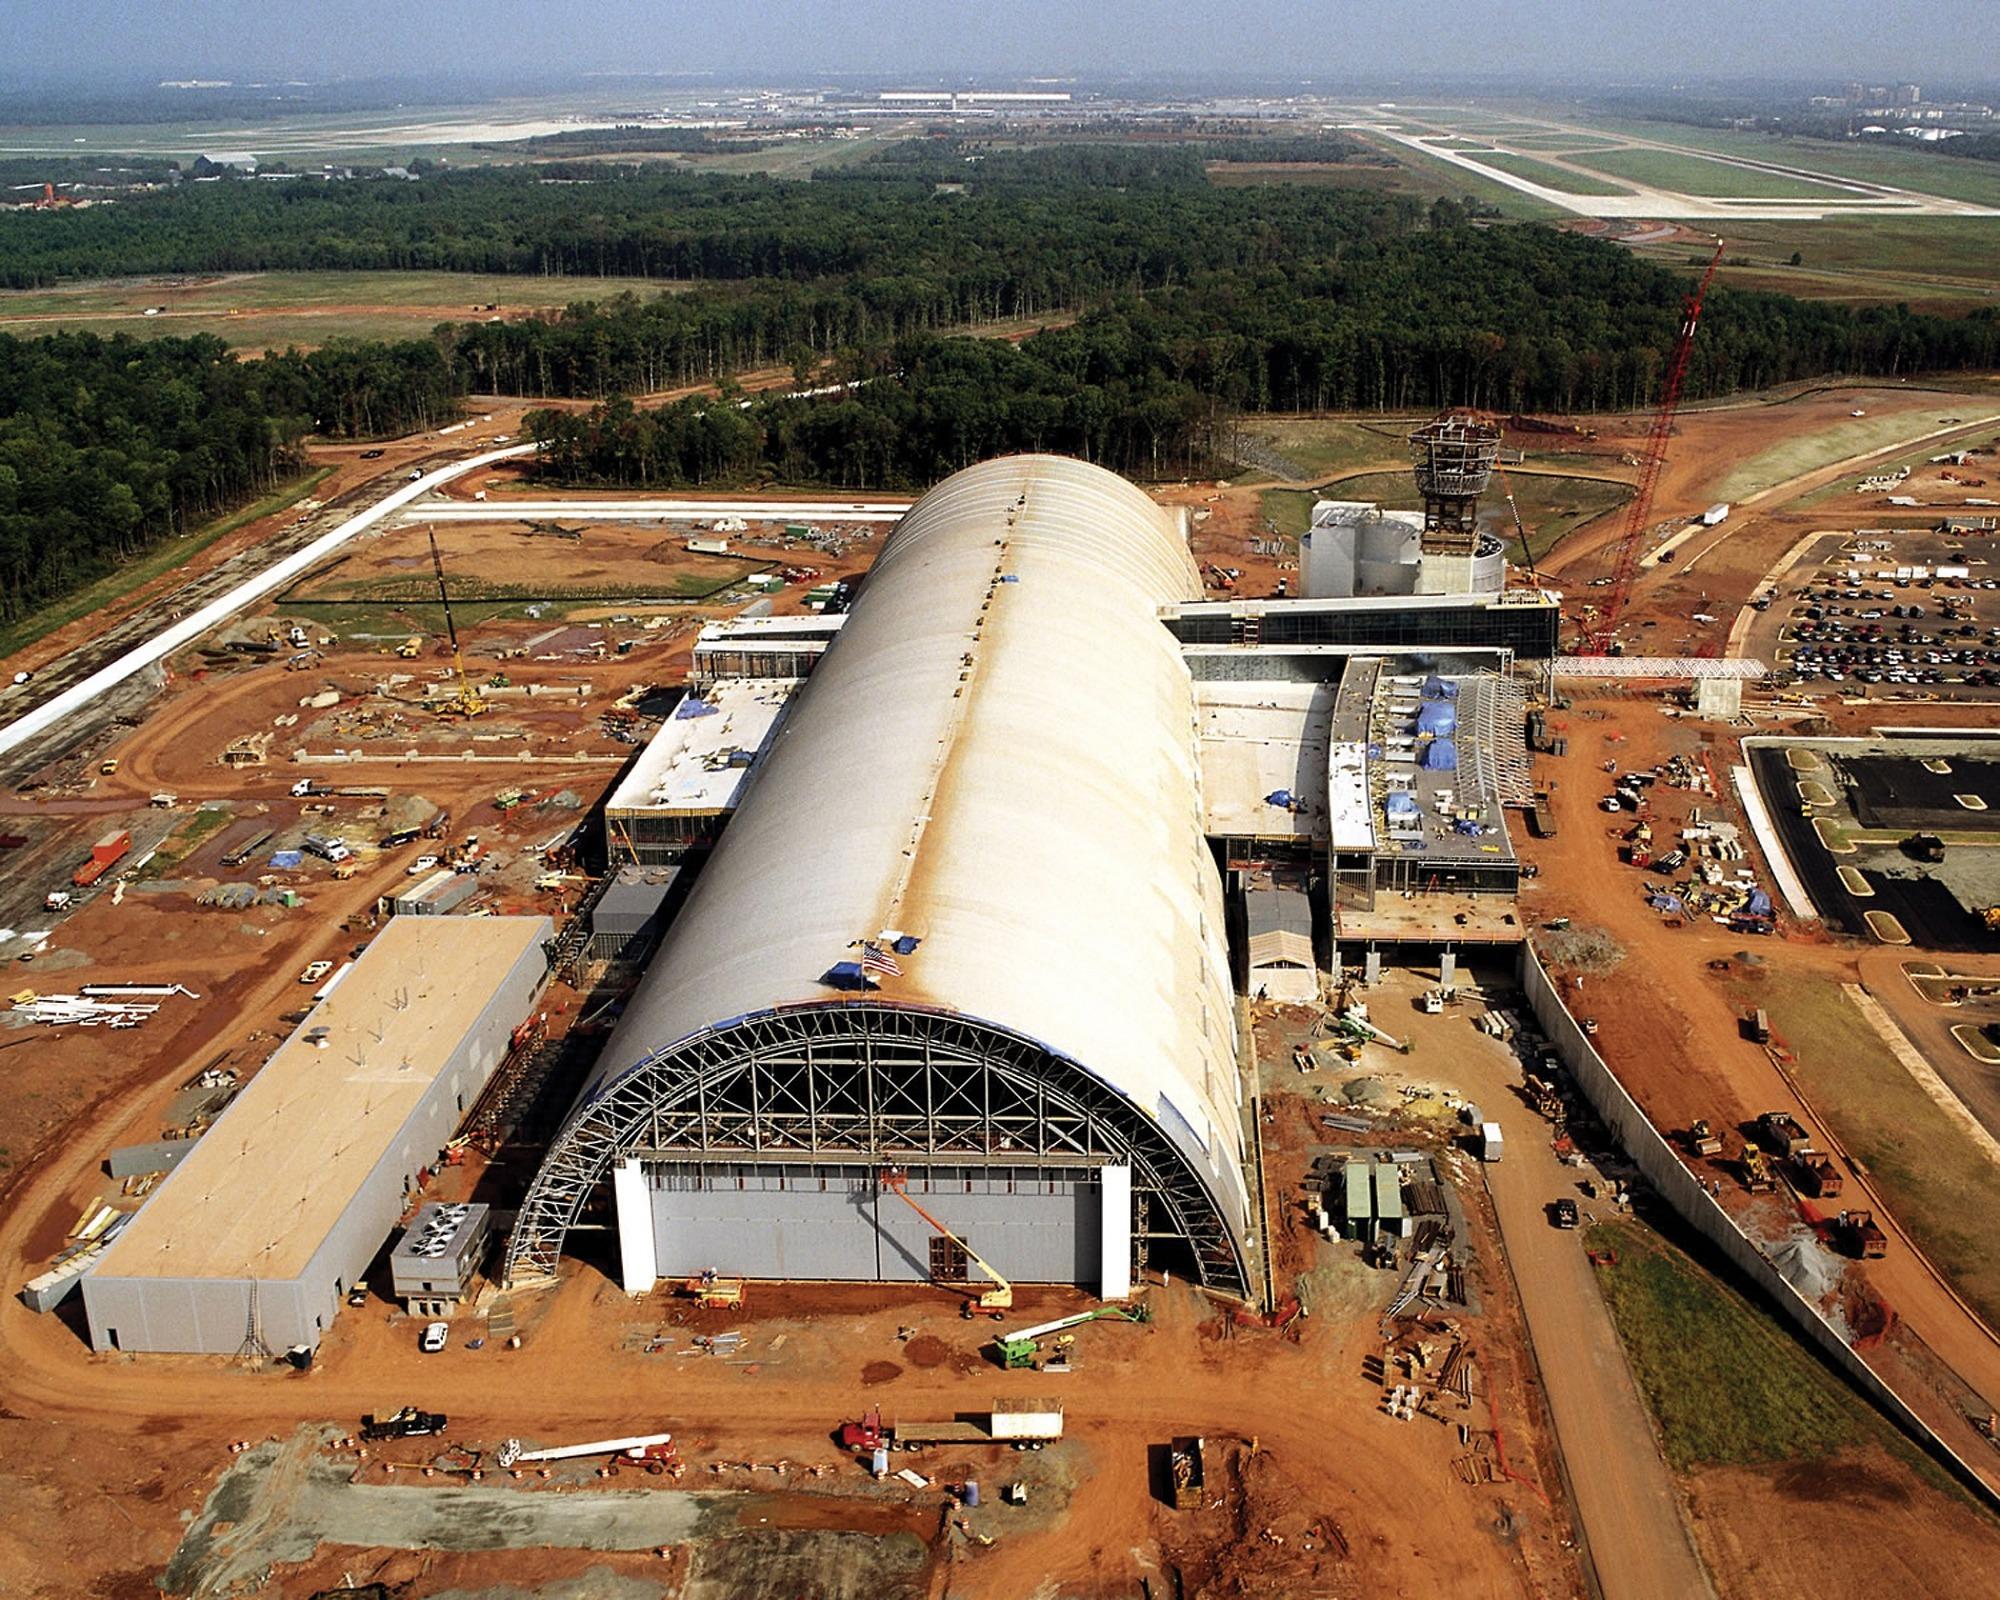 Steven F. Udvar-Hazy Center Under Construction